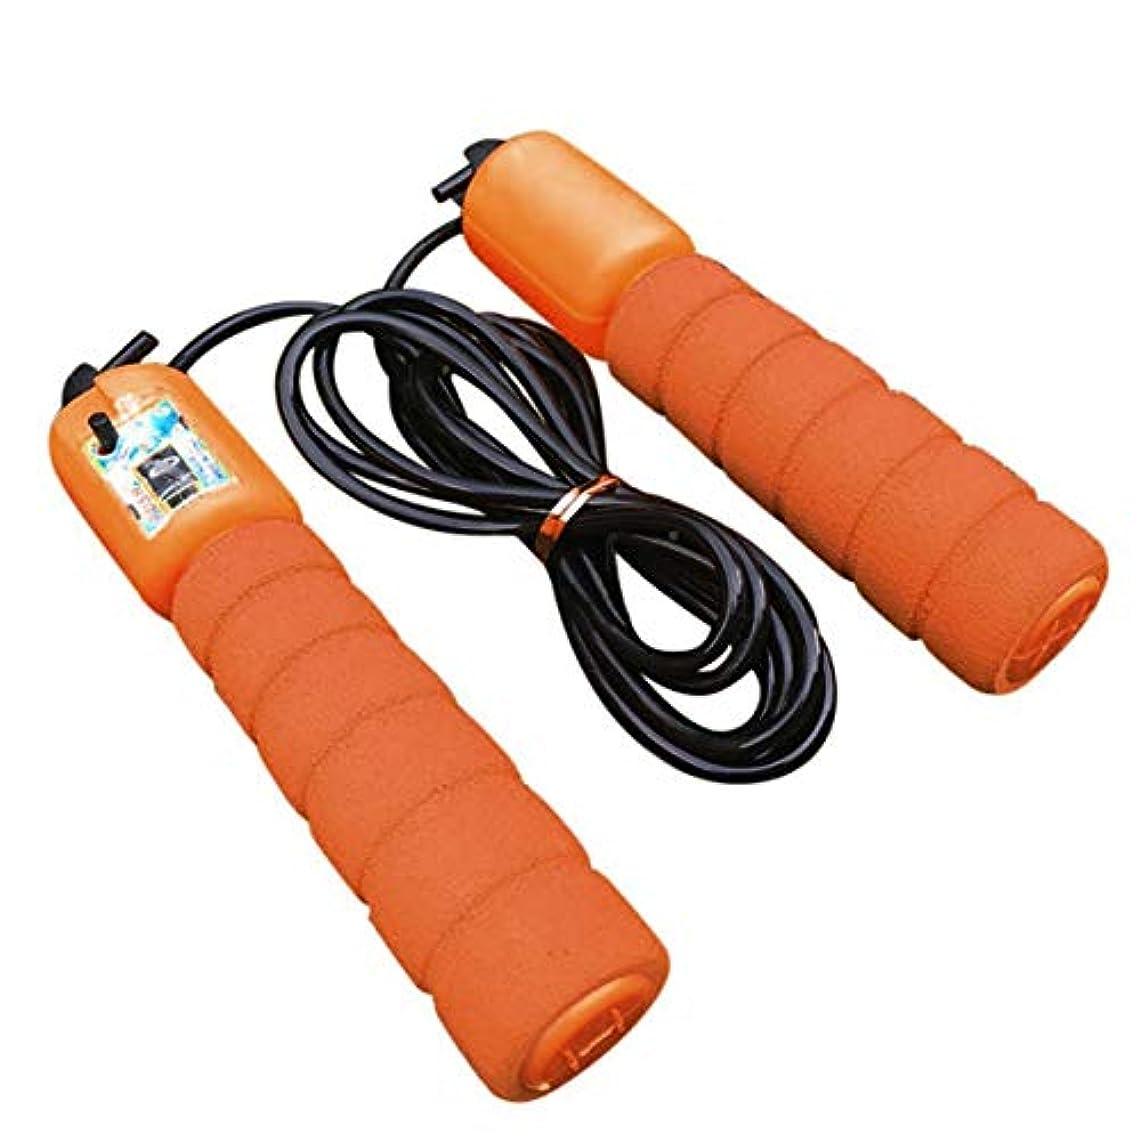 優越人間時計回り調整可能なプロフェッショナルカウントスキップロープ自動カウントジャンプロープフィットネスエクササイズ高速スピードカウントジャンプロープ-オレンジ